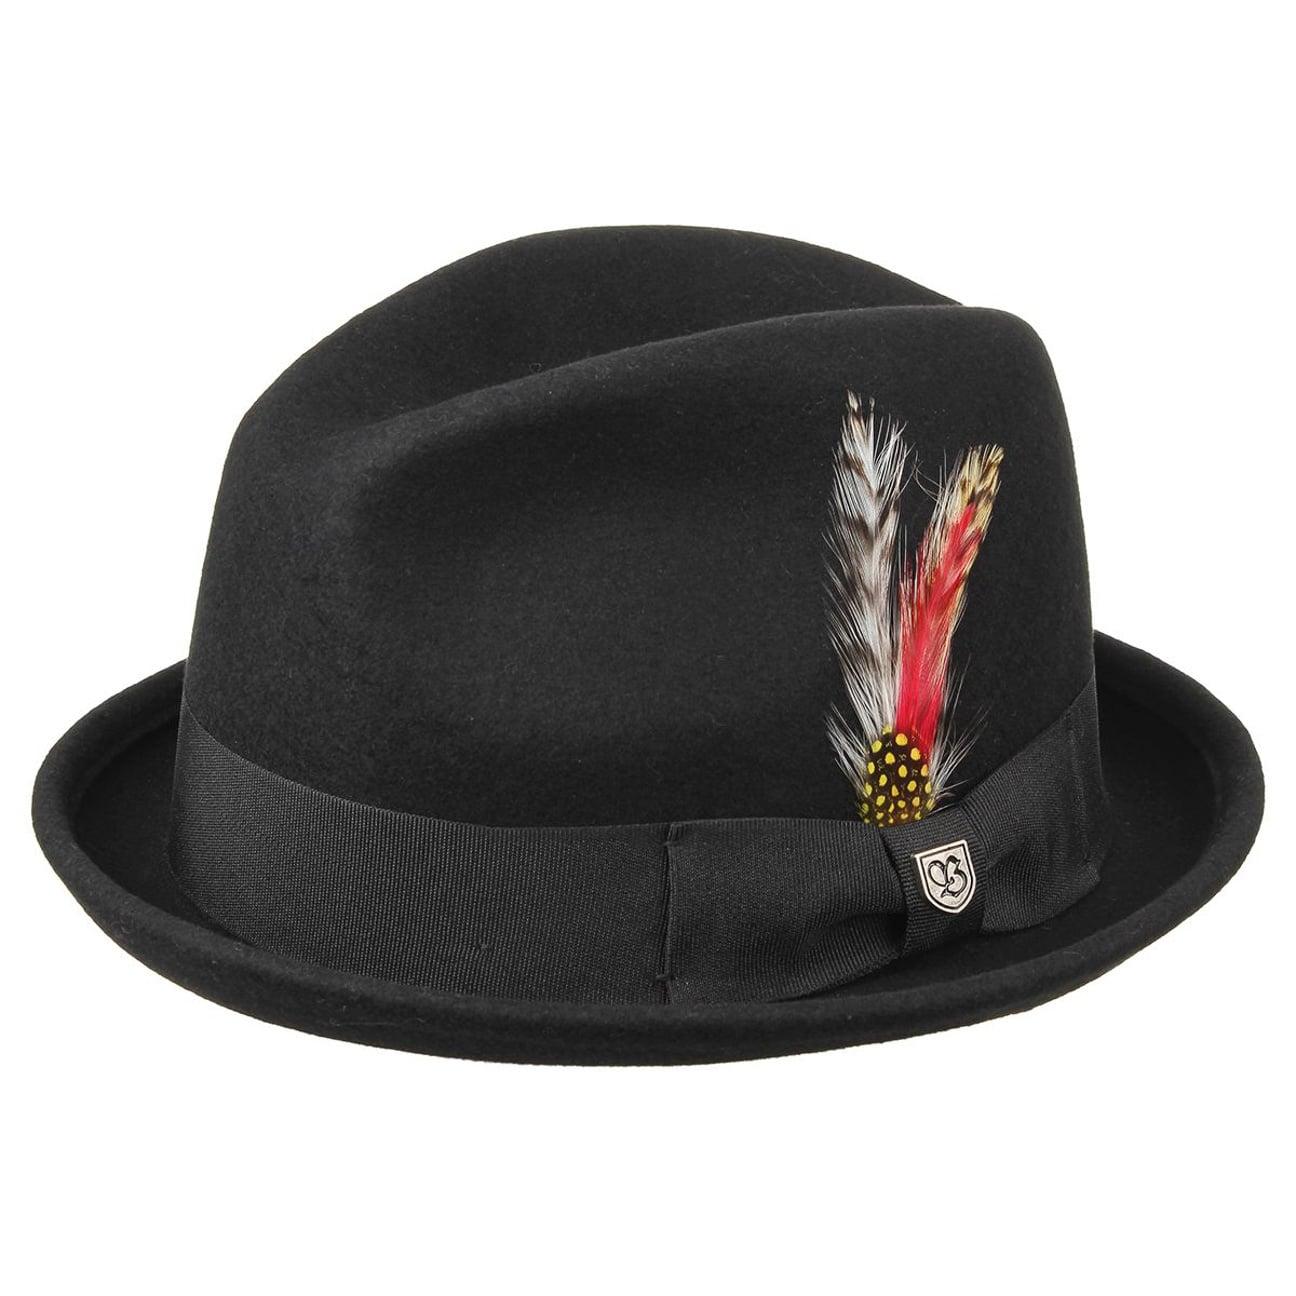 Sombrero Gain Wool Player by Brixton - Sombreros - sombreroshop.es 8e0c020793e